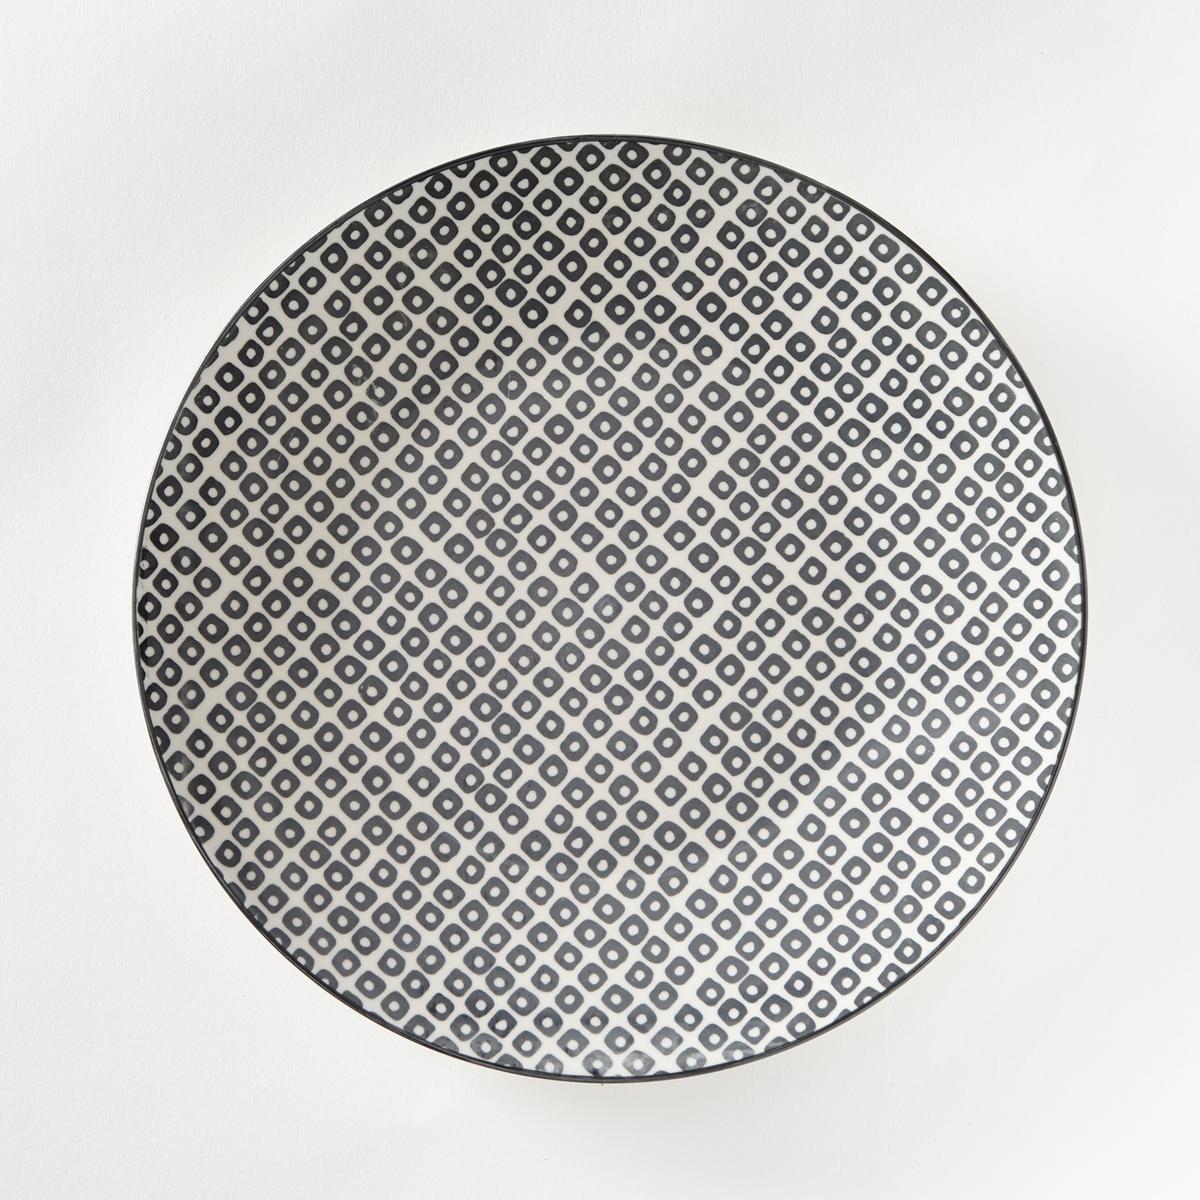 Комплект из 4 мелких тарелок из фарфора Akiva4 мелкие тарелки с геометрическим микрорисунком в скандинавском стиле Akiva  . Завтрак, обед или ужин, La Redoute Int?rieurs Вас приглашает к столу.Характеристики 4 мелких тарелок с геометрическим микрорисунком в скандинавском стиле Akiva   :- Геометрический микрорисунок в скандинавском стиле, в стиле ретро.- Контрастная окантовка по контуру .- Из фарфора, окрашенного вручную  .- Диаметр 26,6 см  .- Можно использовать в посудомоечных машинах и микроволновых печах.Десертные тарелки, миски и кружки Akiva продаются на сайте laredoute.ru<br><br>Цвет: кремовый/черный,экрю/розовый<br>Размер: единый размер